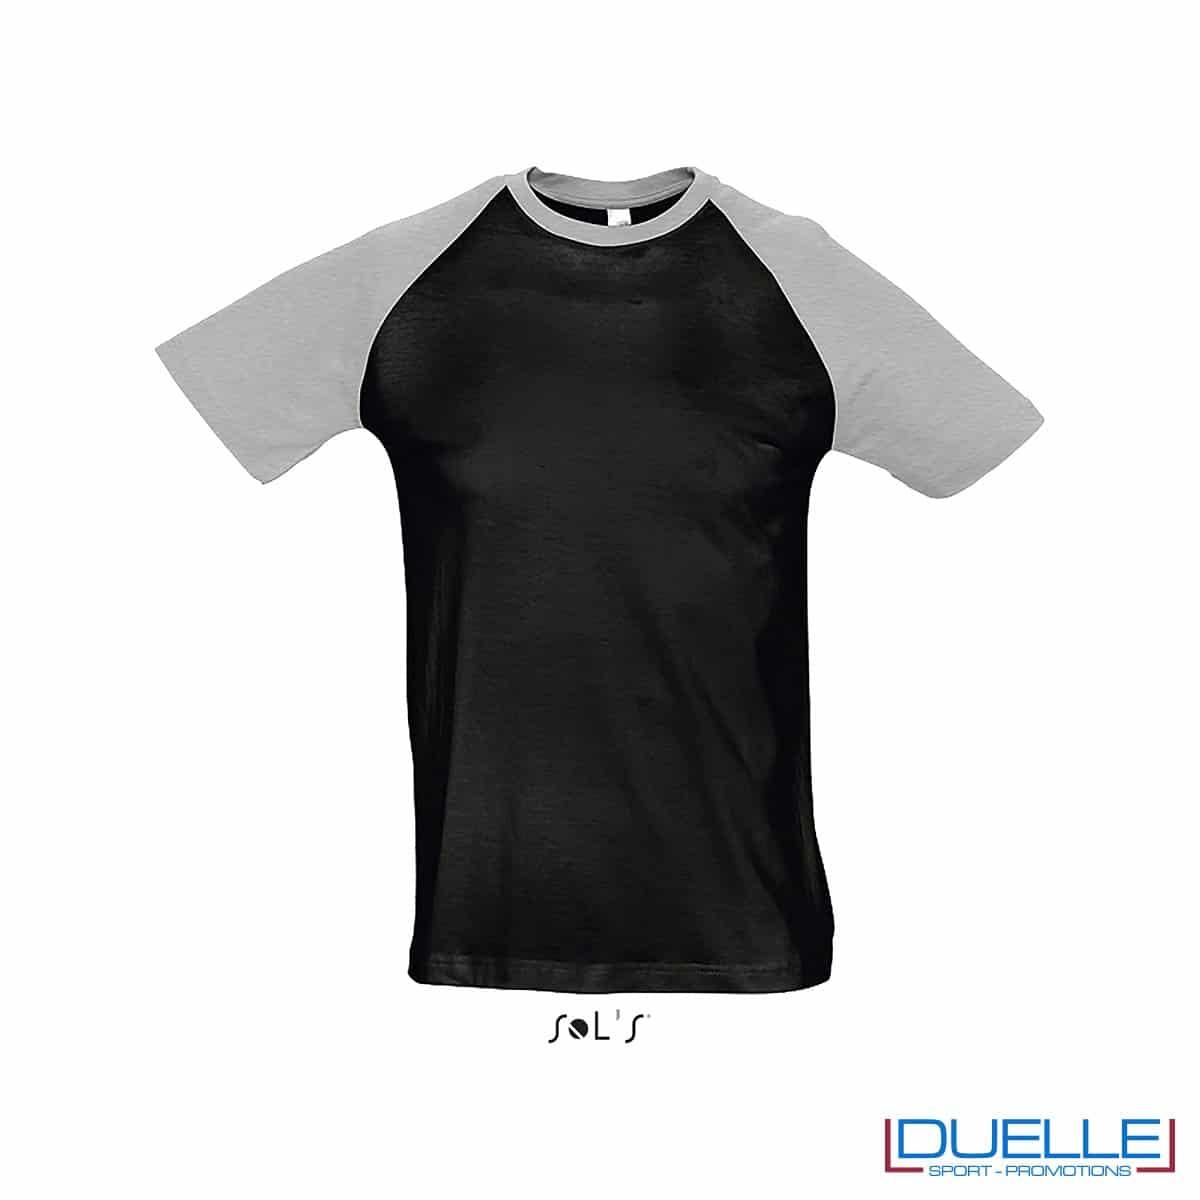 t-shirt personalizzata sportiva bicolore in colore grigio e nero, abbigliamento sportivo personalizzato